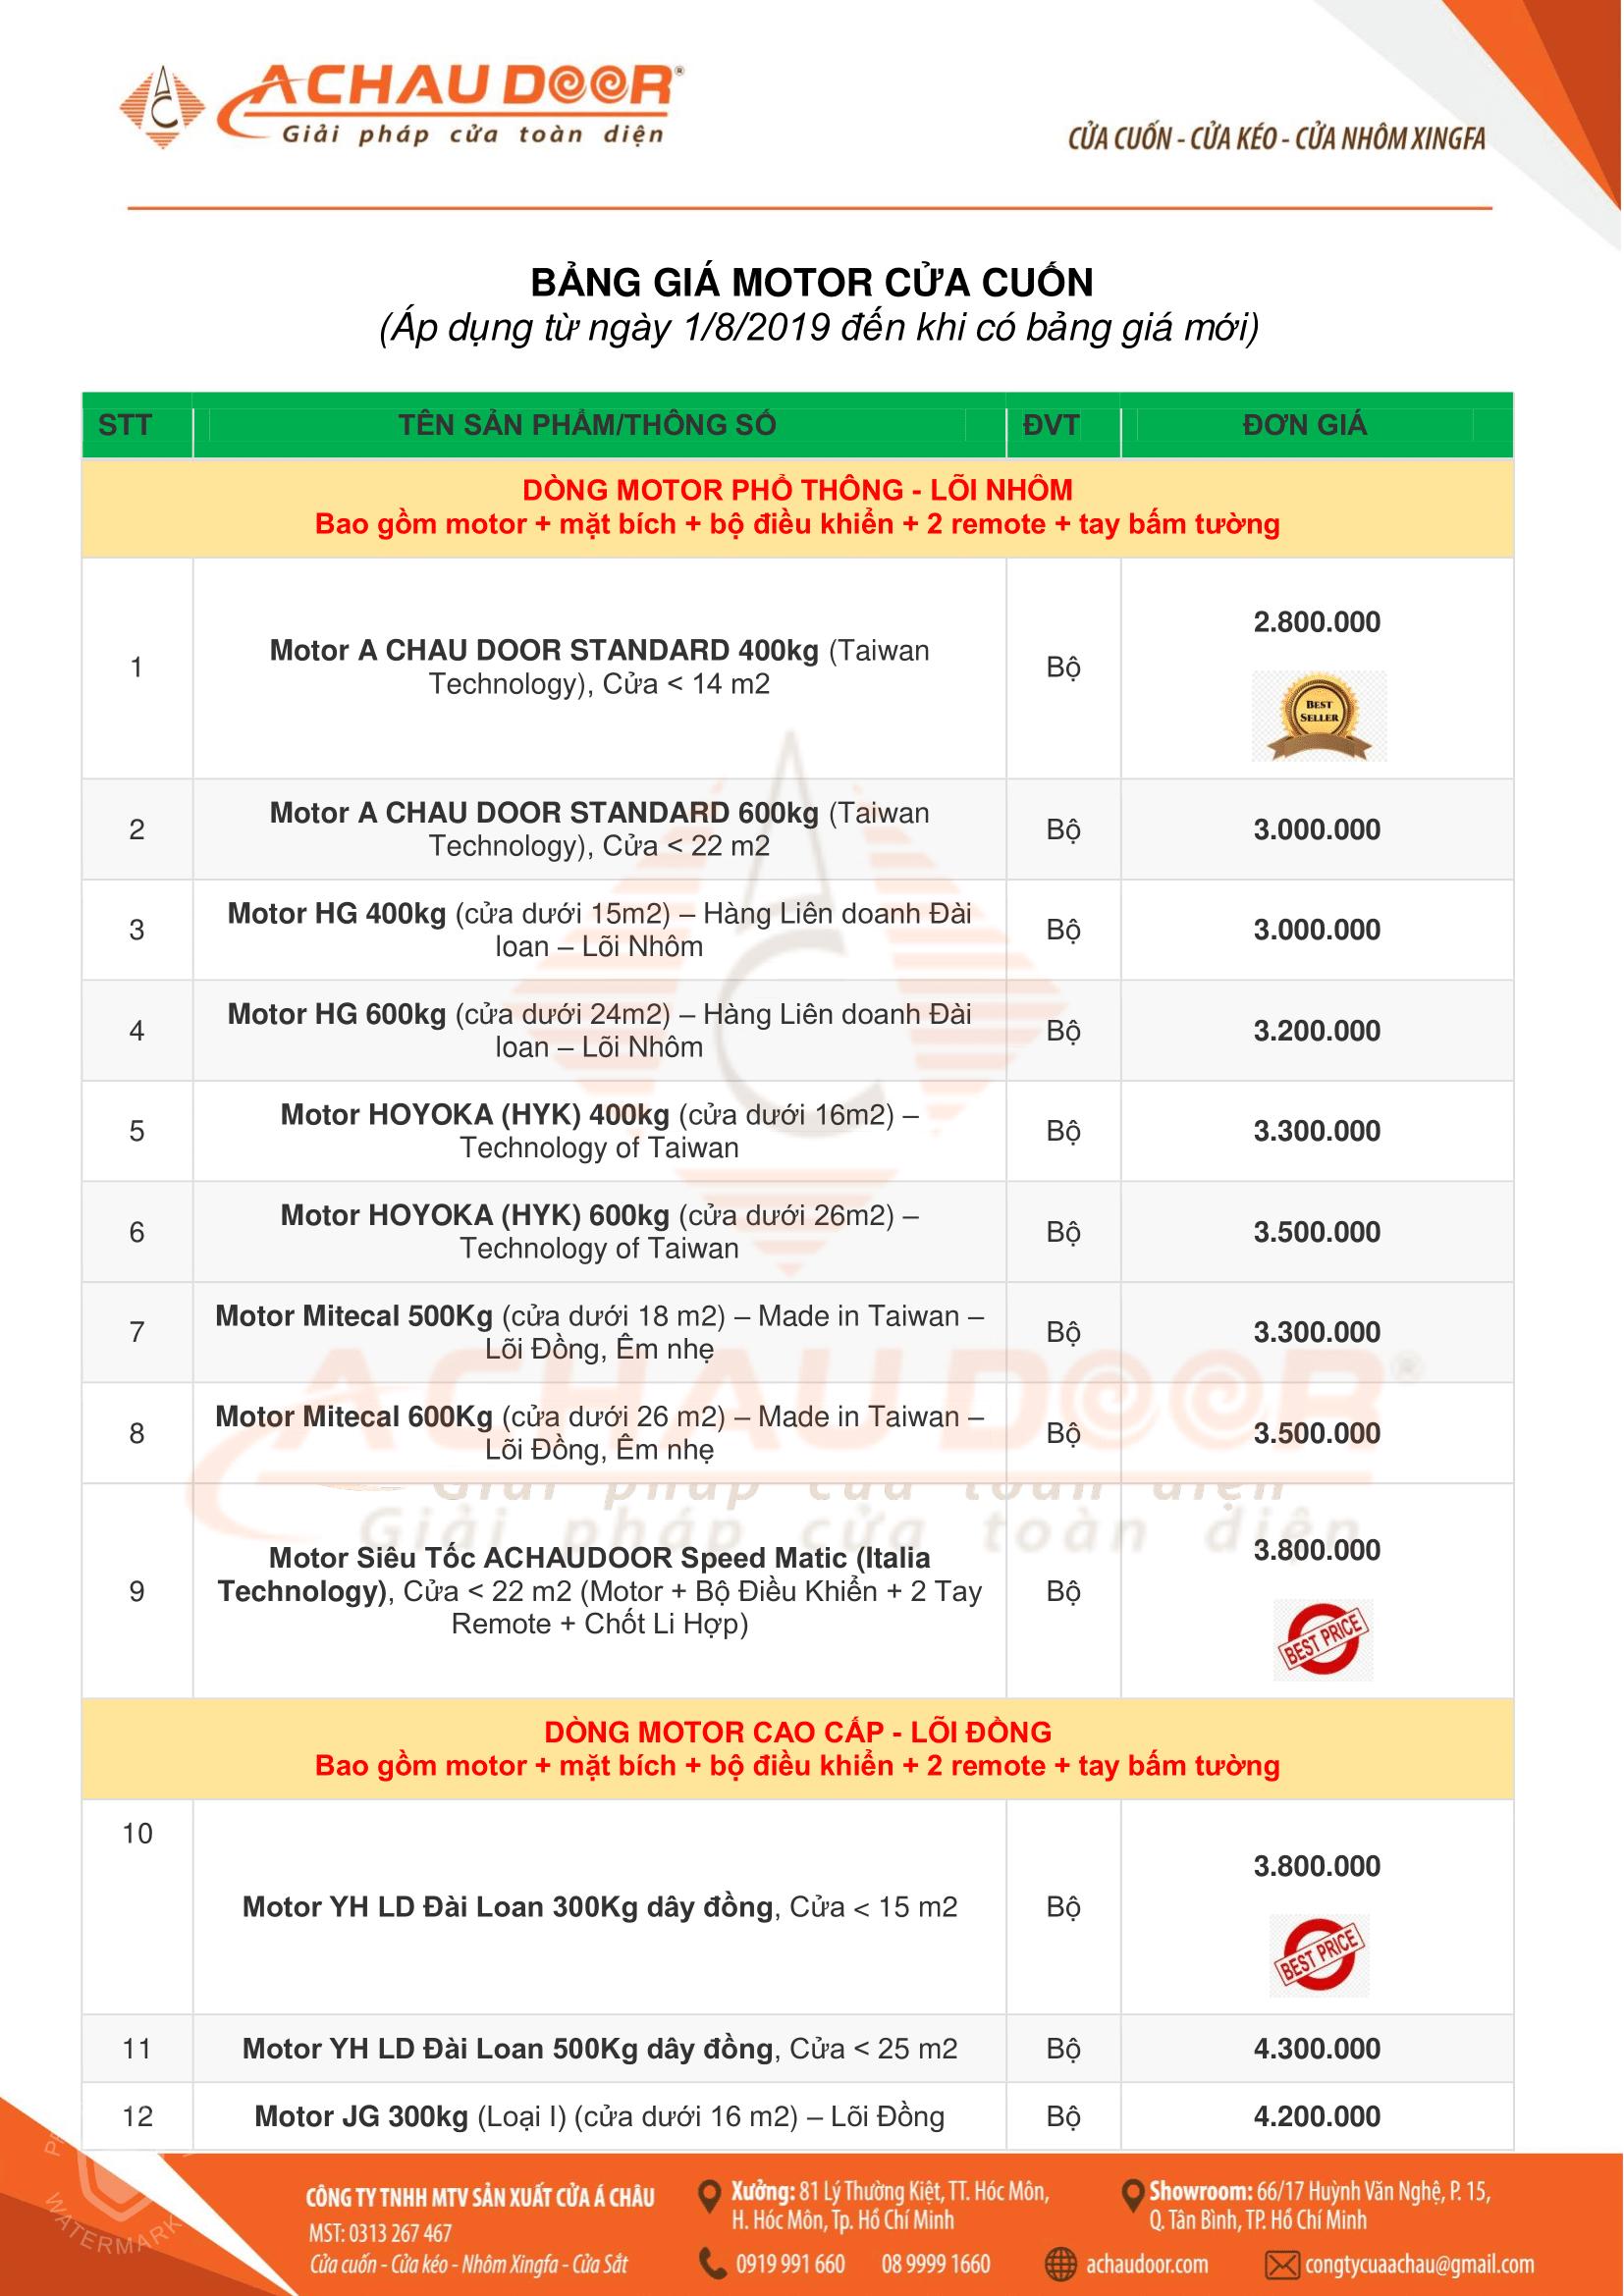 Motor Cửa Cuốn JG 400KG Chính Hãng, Bảo Hành 3 Năm 1